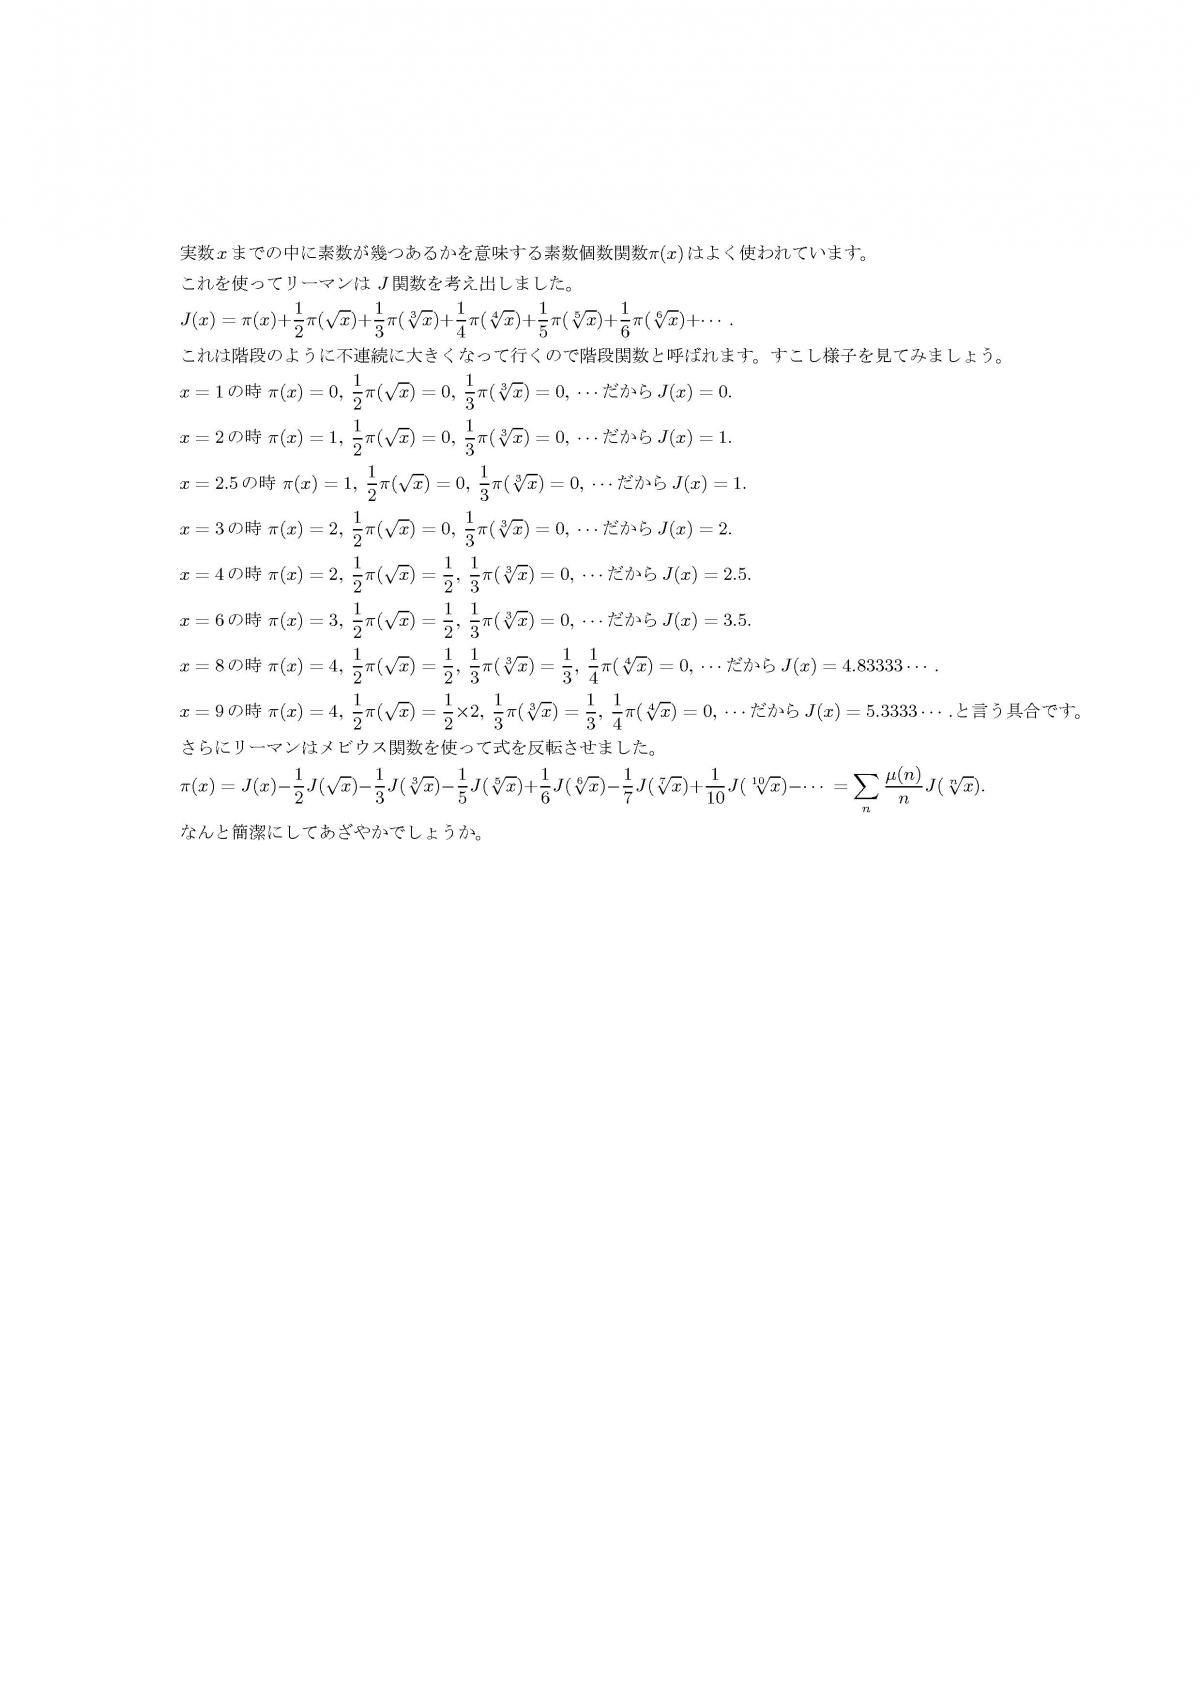 ミュー関数2